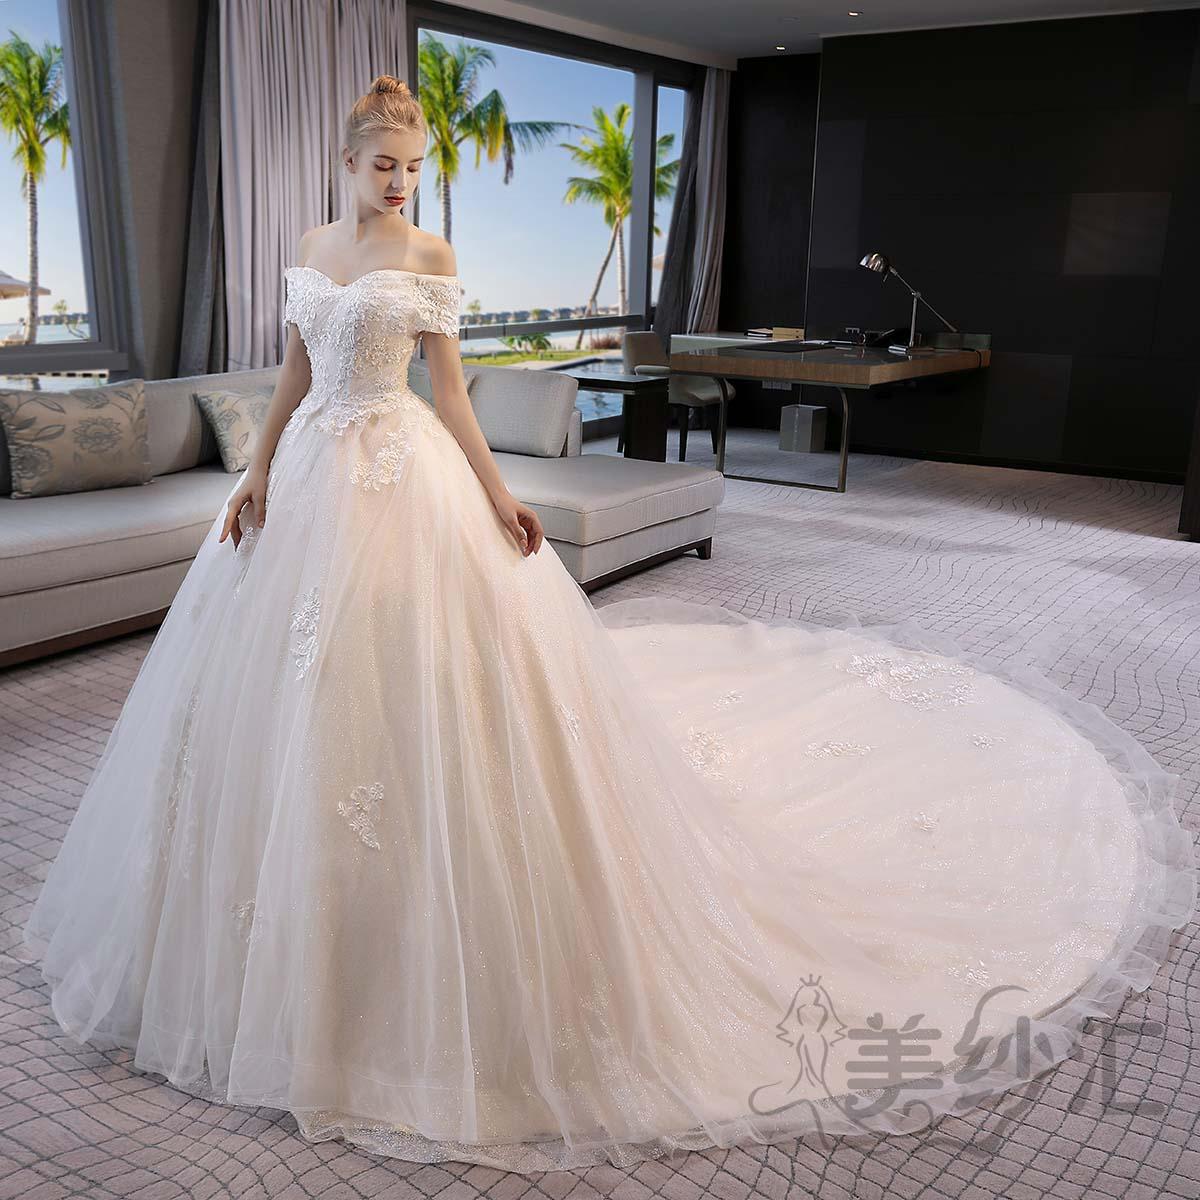 一字肩新娘结婚当天嫁衣拖尾婚纱绑带款1030722786TWHS 香槟色 均码